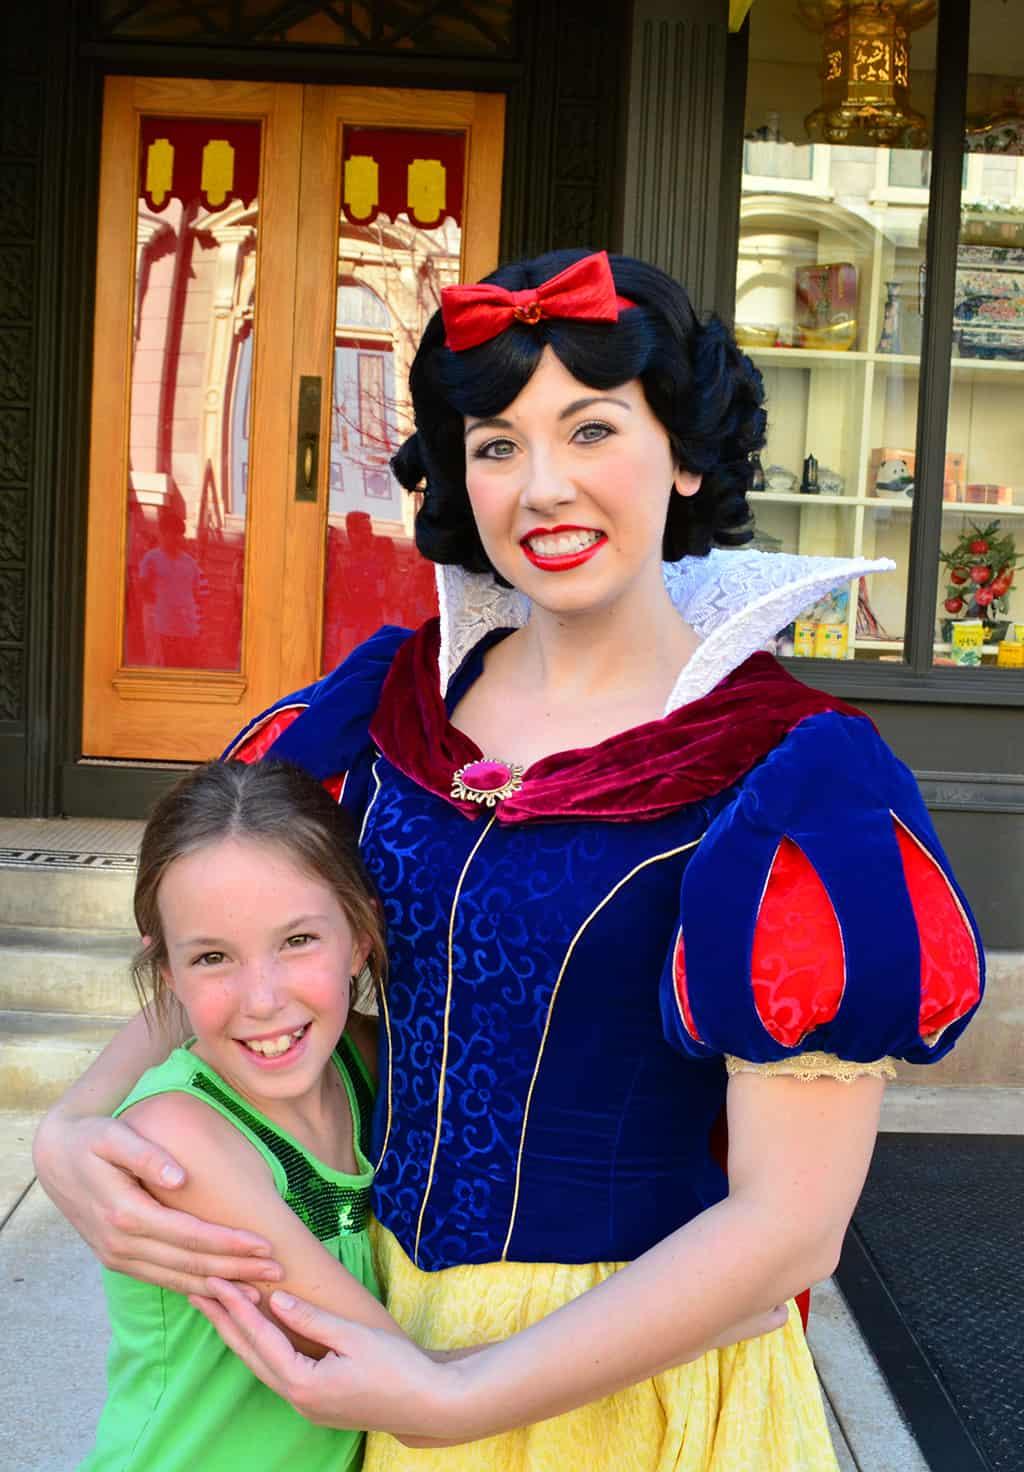 Character Palooza Schedule, Character Palooza at Hollywood Studios, Character Palooza at Disney World, snow white